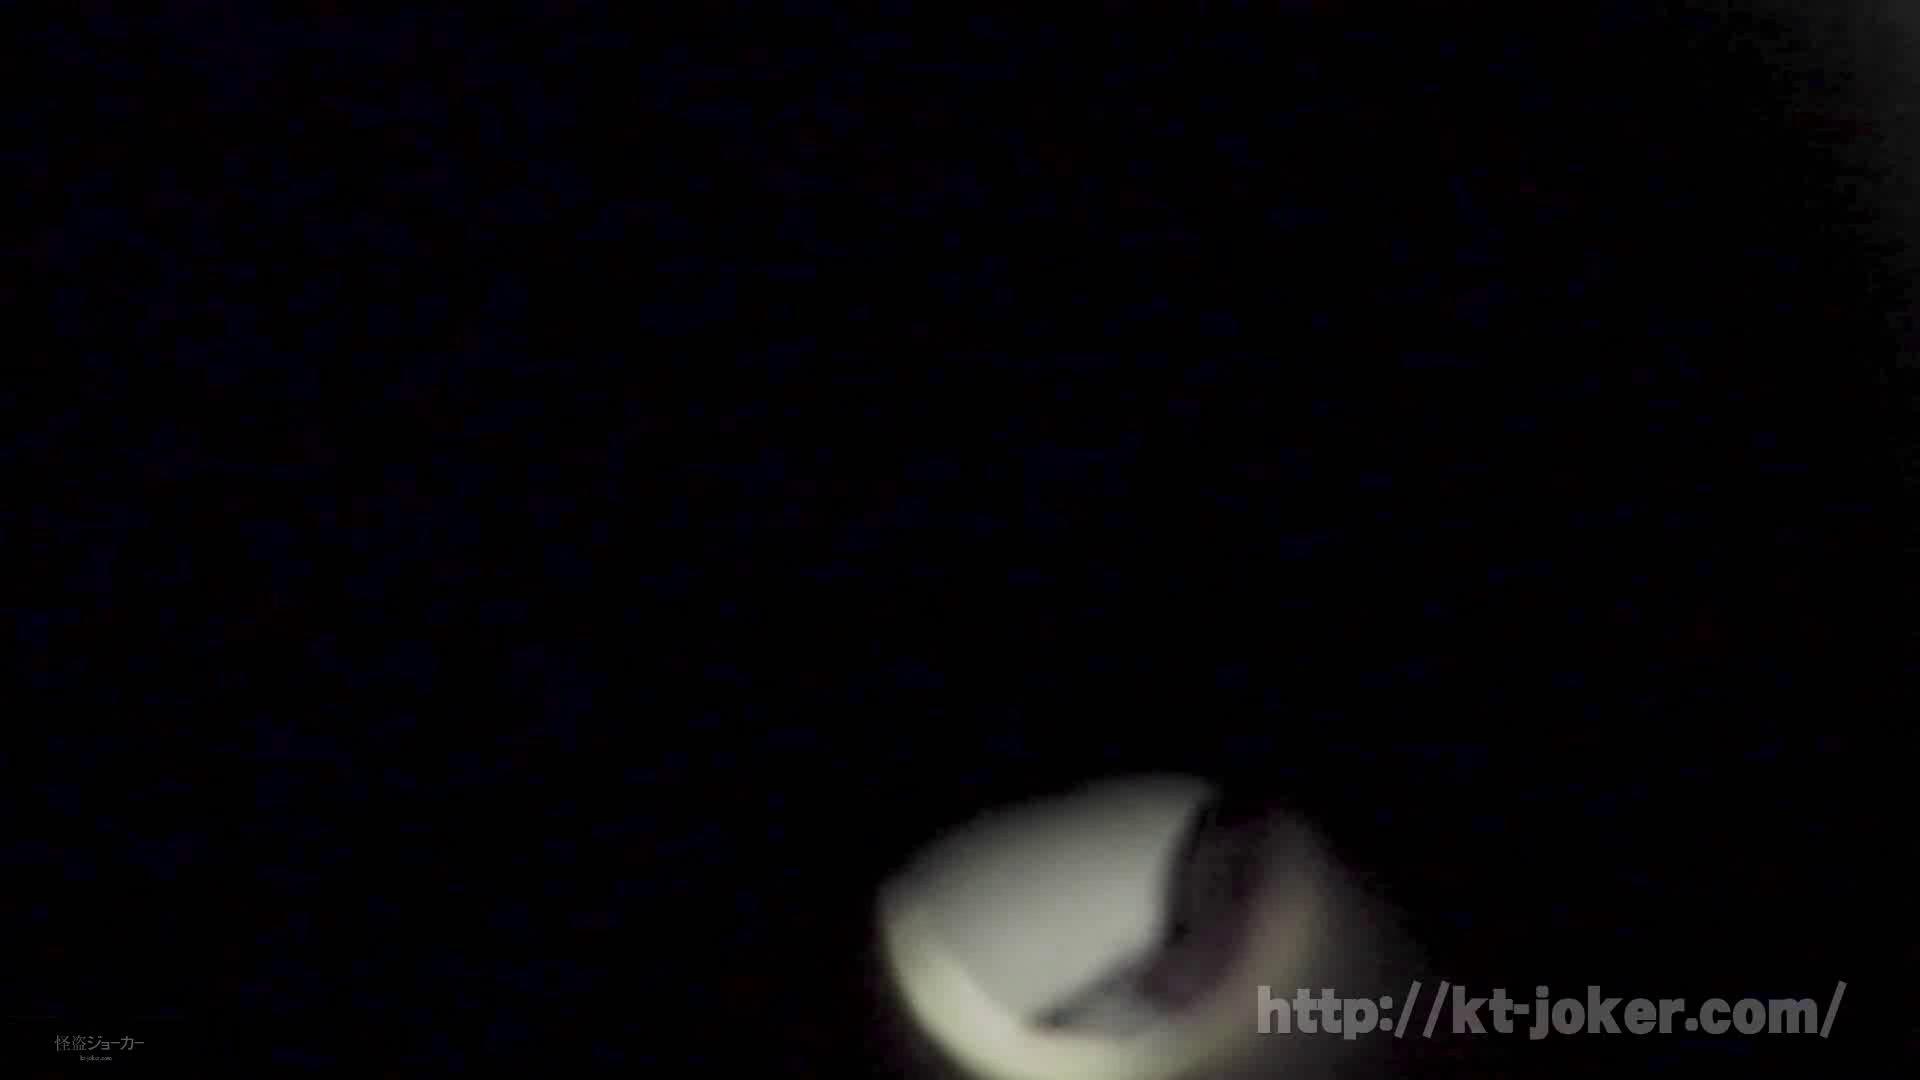 命がけ潜伏洗面所! vol.59 来ました。最高作の予感!美しい プライベート オマンコ動画キャプチャ 78画像 38